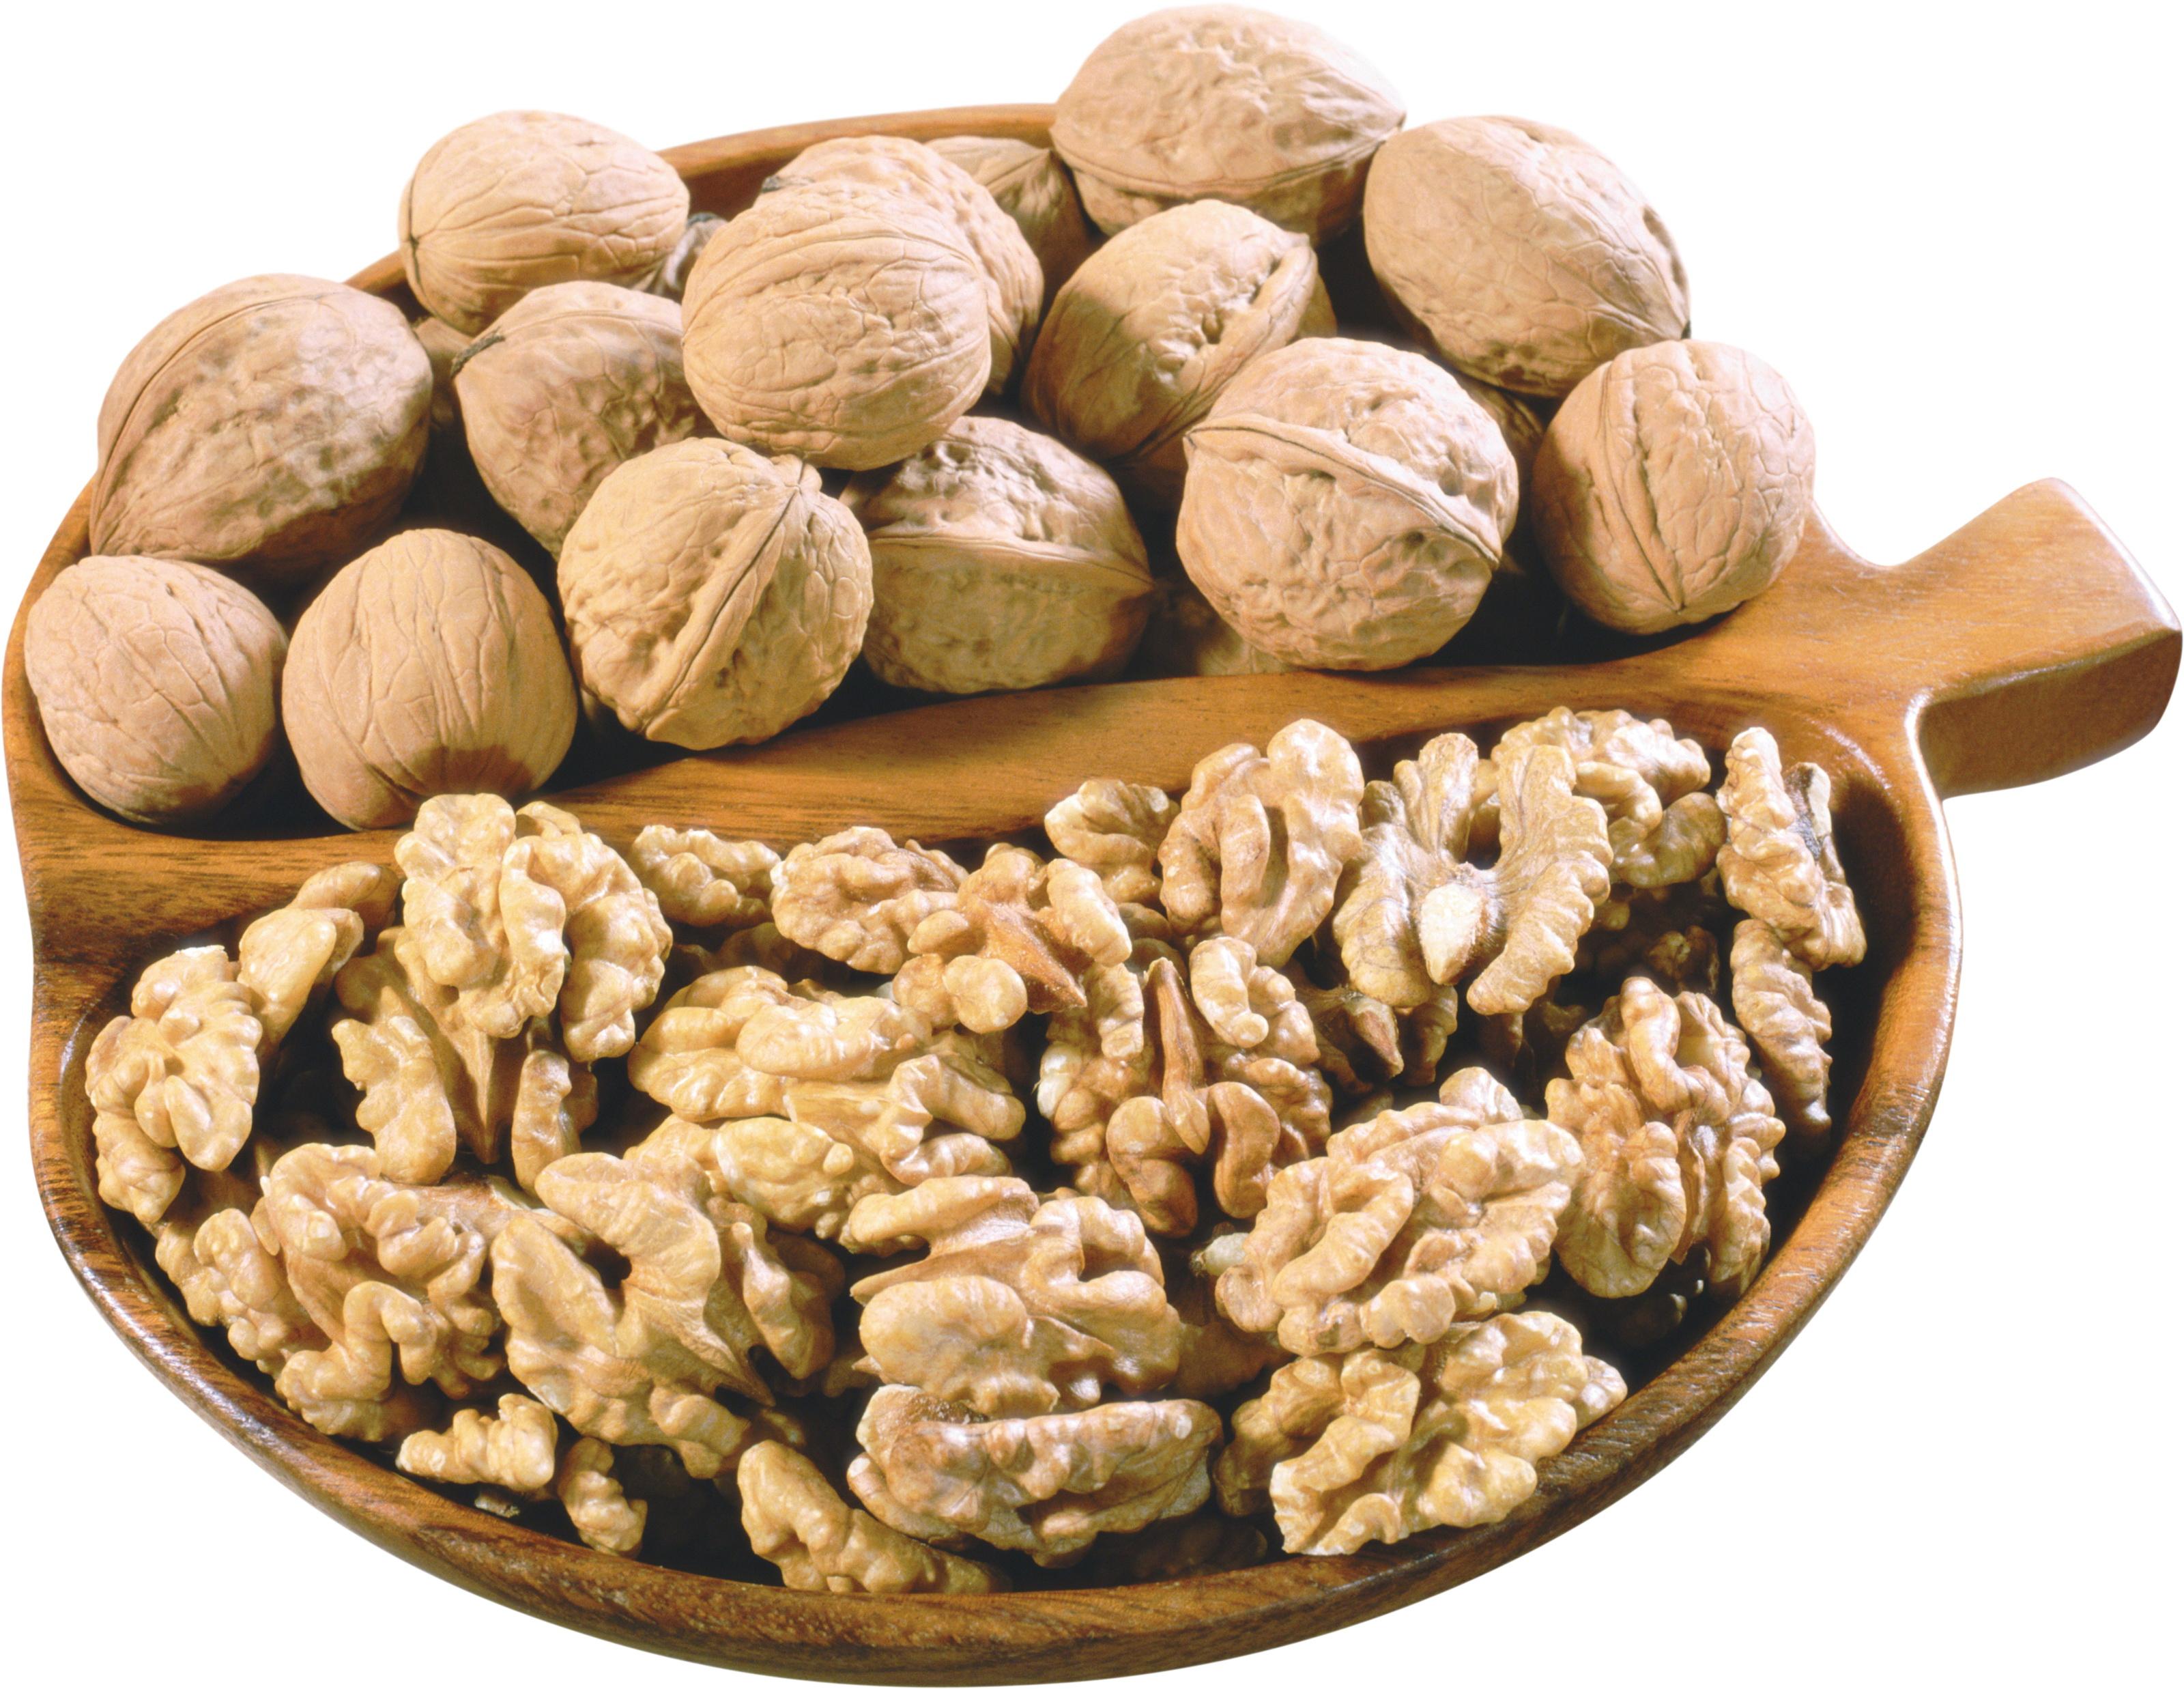 Dry Nuts Hd Free Image: Walnut HD Wallpaper